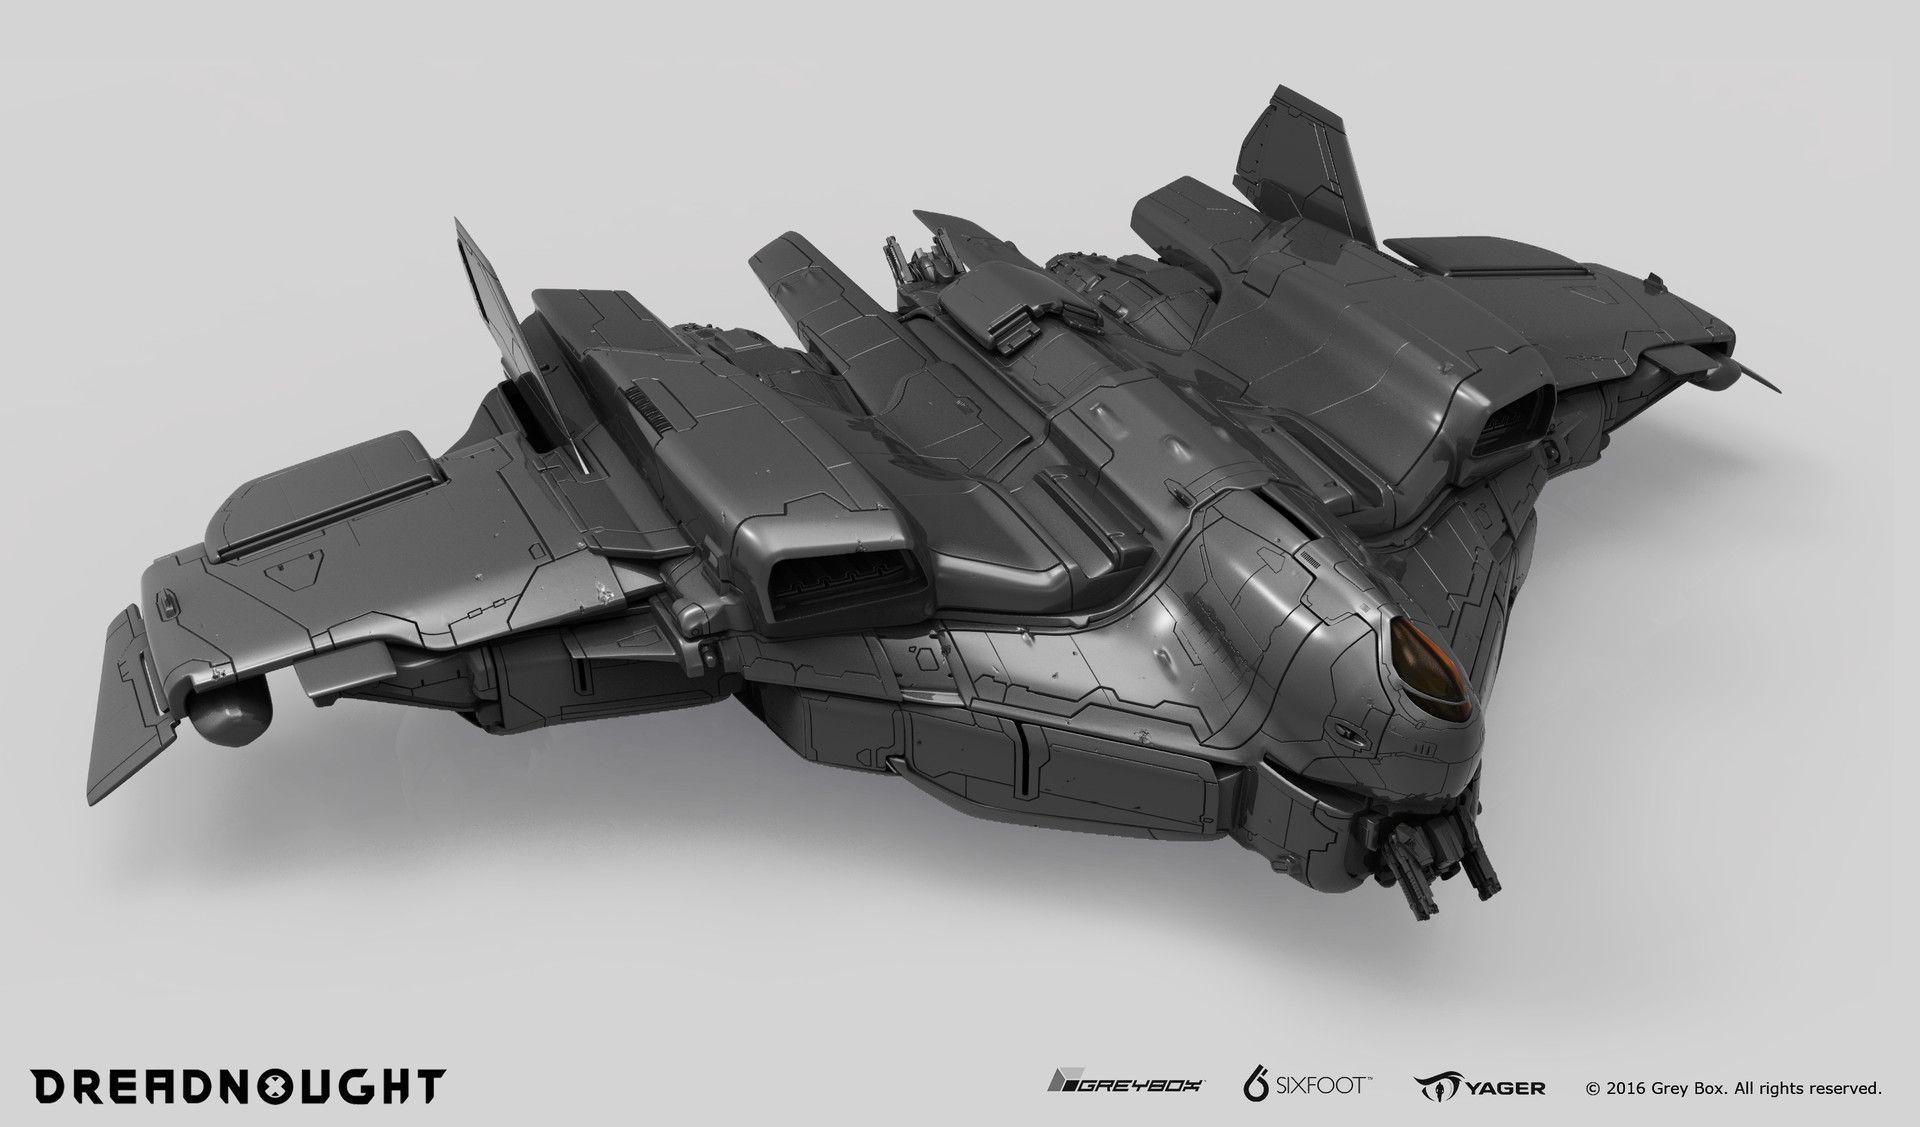 ArtStation - Fighter Jet - Dreadnought, Joshua Morrison